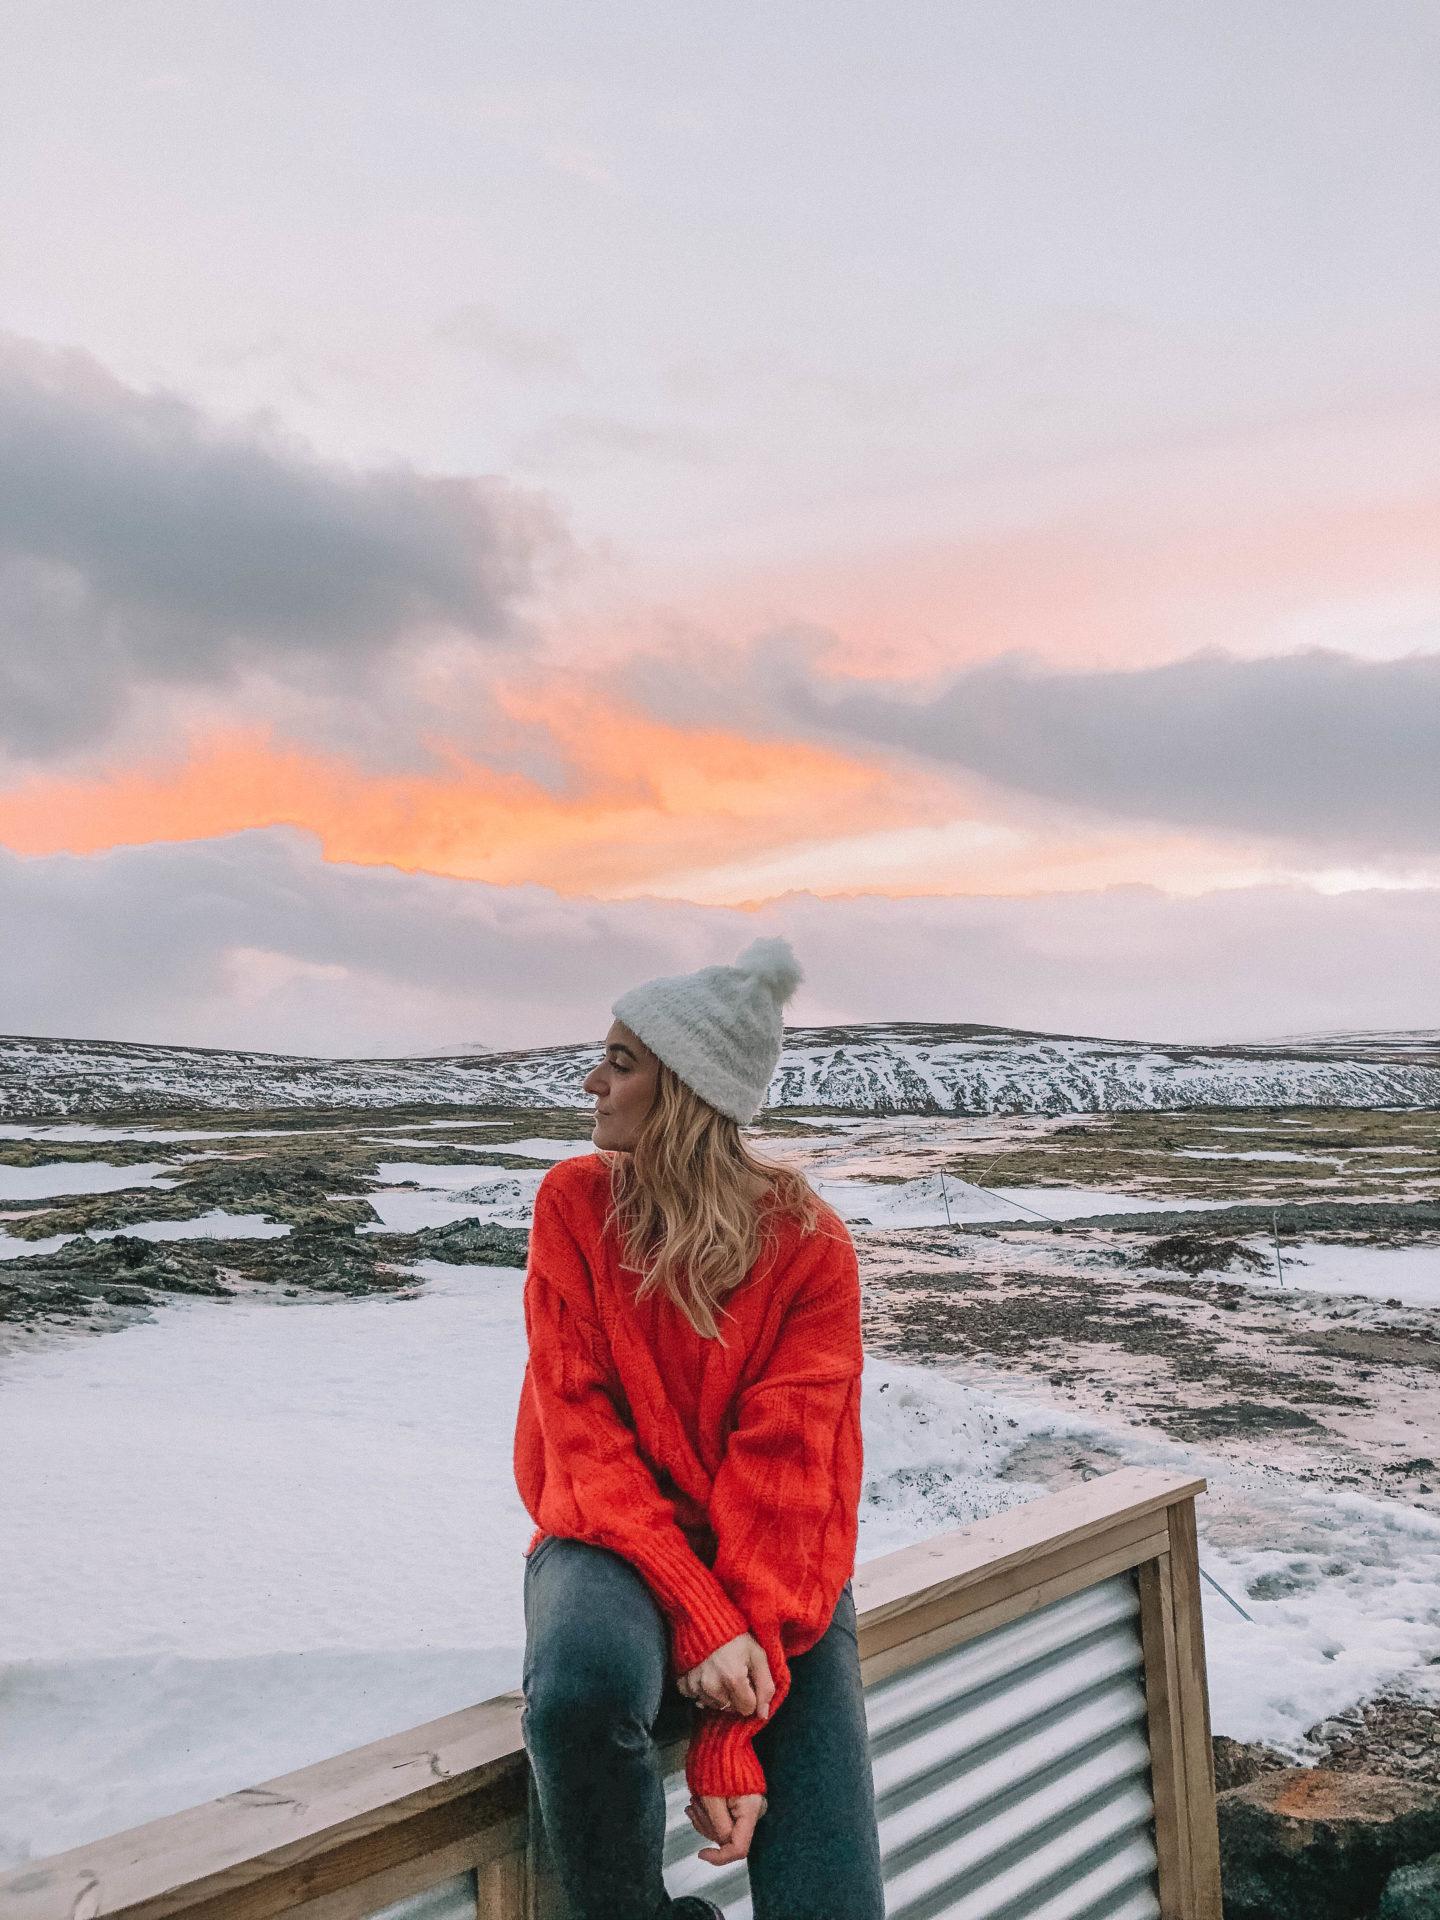 Islande - Blondie Baby blog mode et voyages